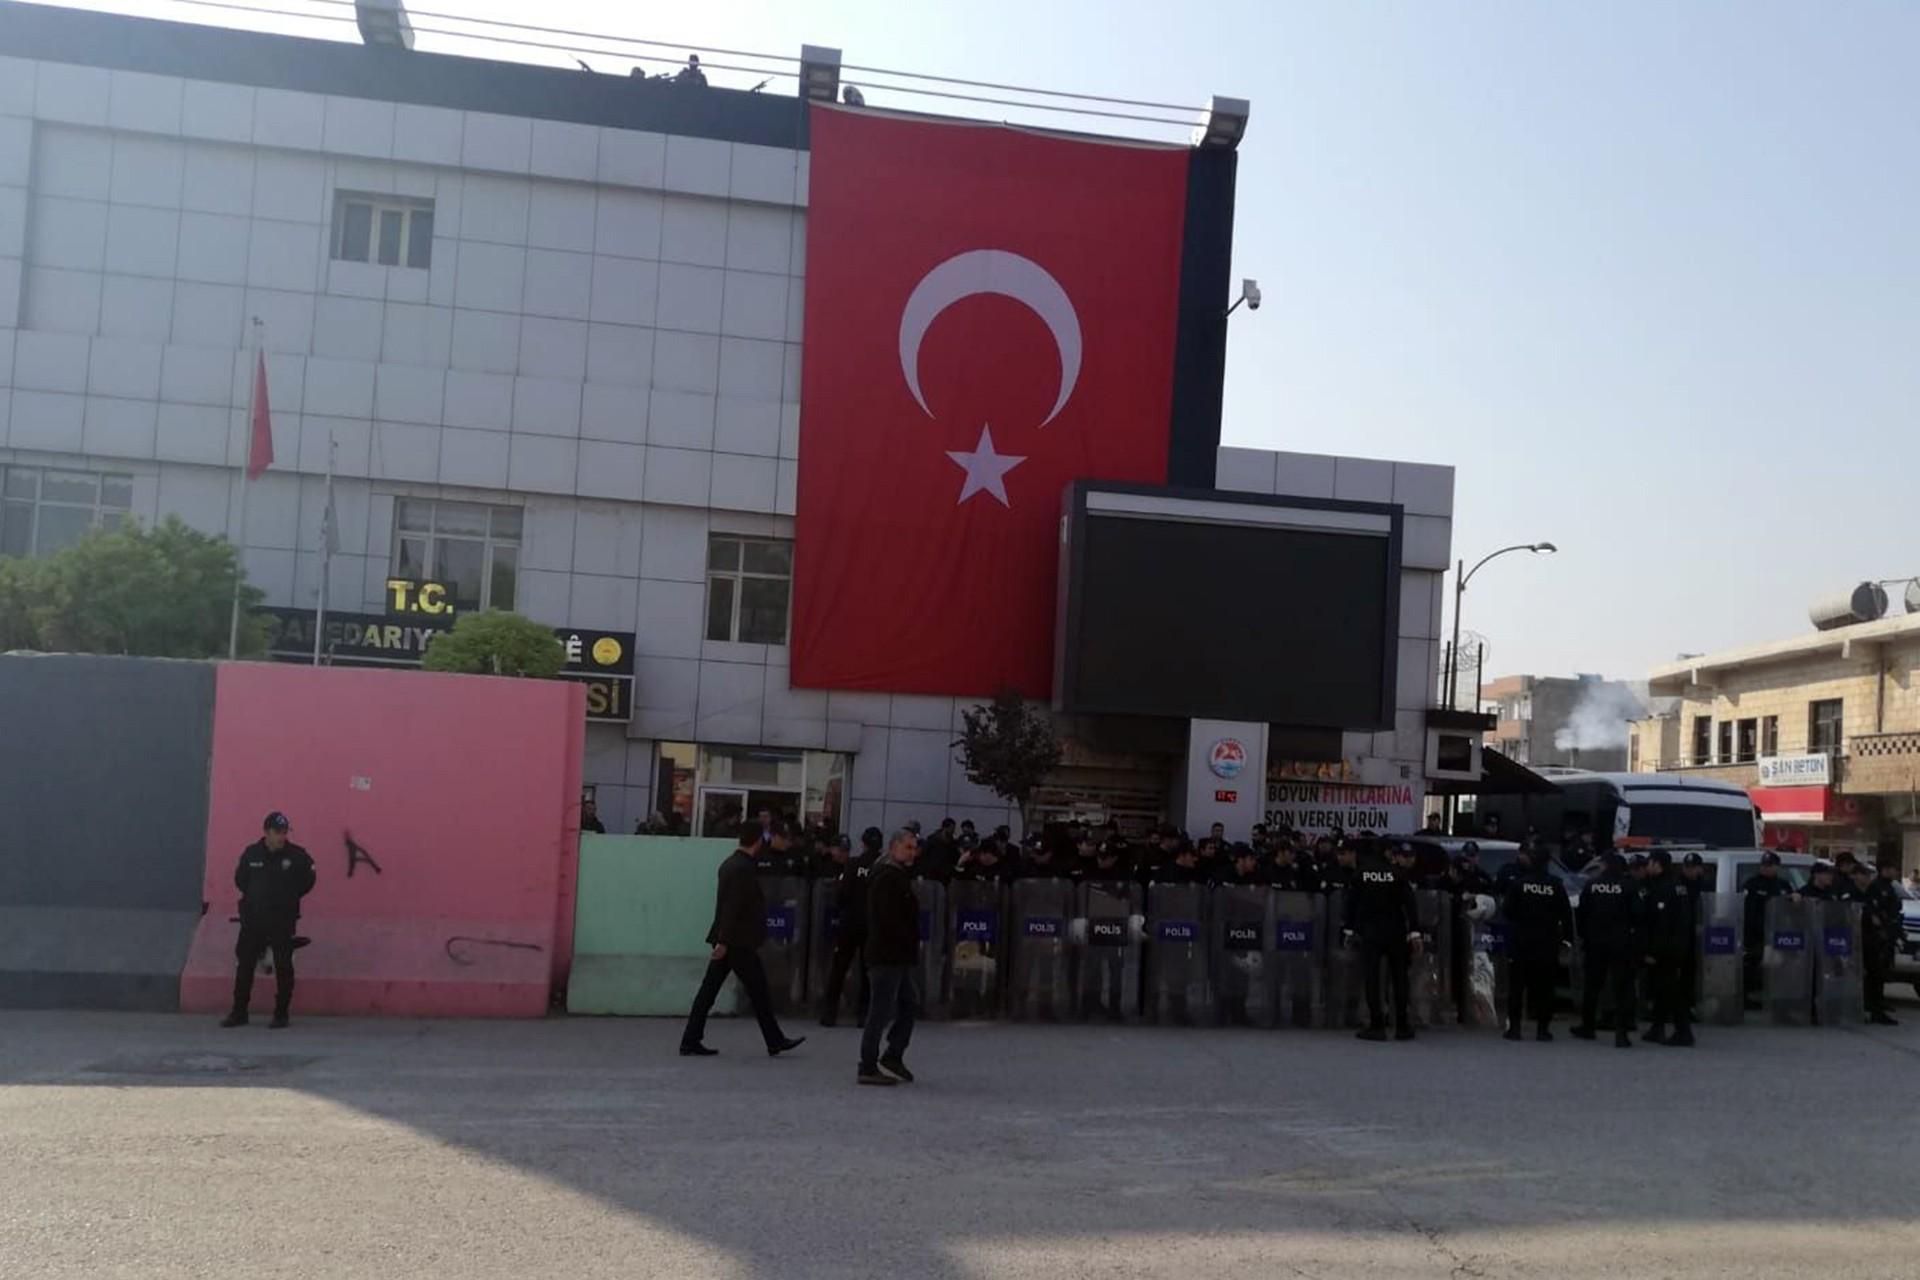 Suruç Belediyesi önünde barikat kuran polisler ve binaya asılan Türk bayrağı